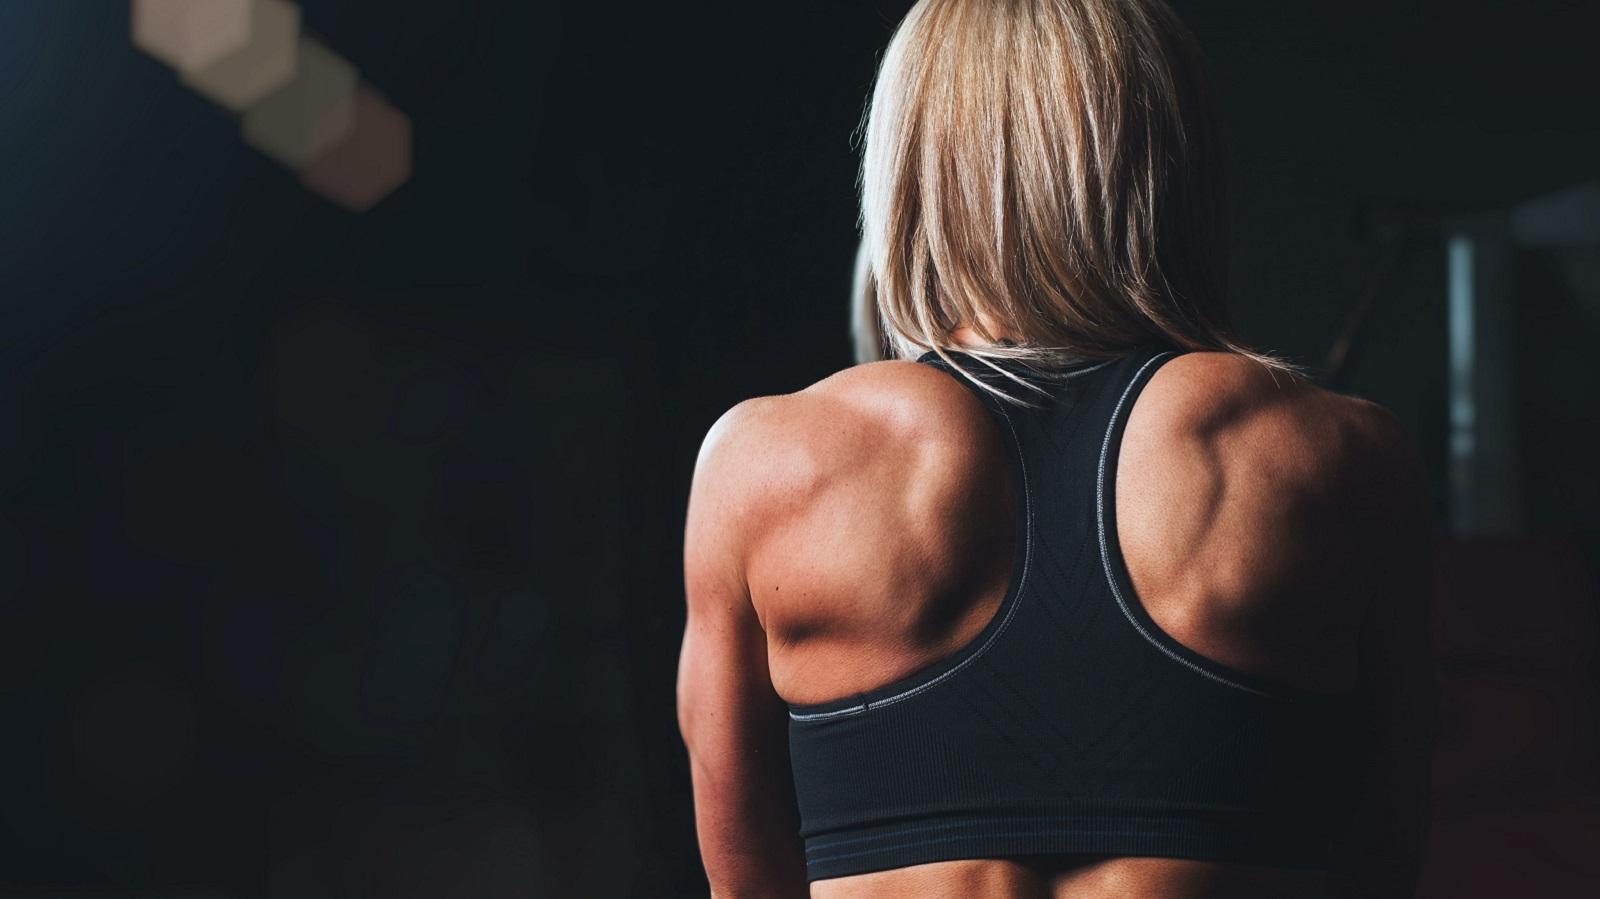 Pourquoi les femmes sont génétiquement plus fortes que les hommes